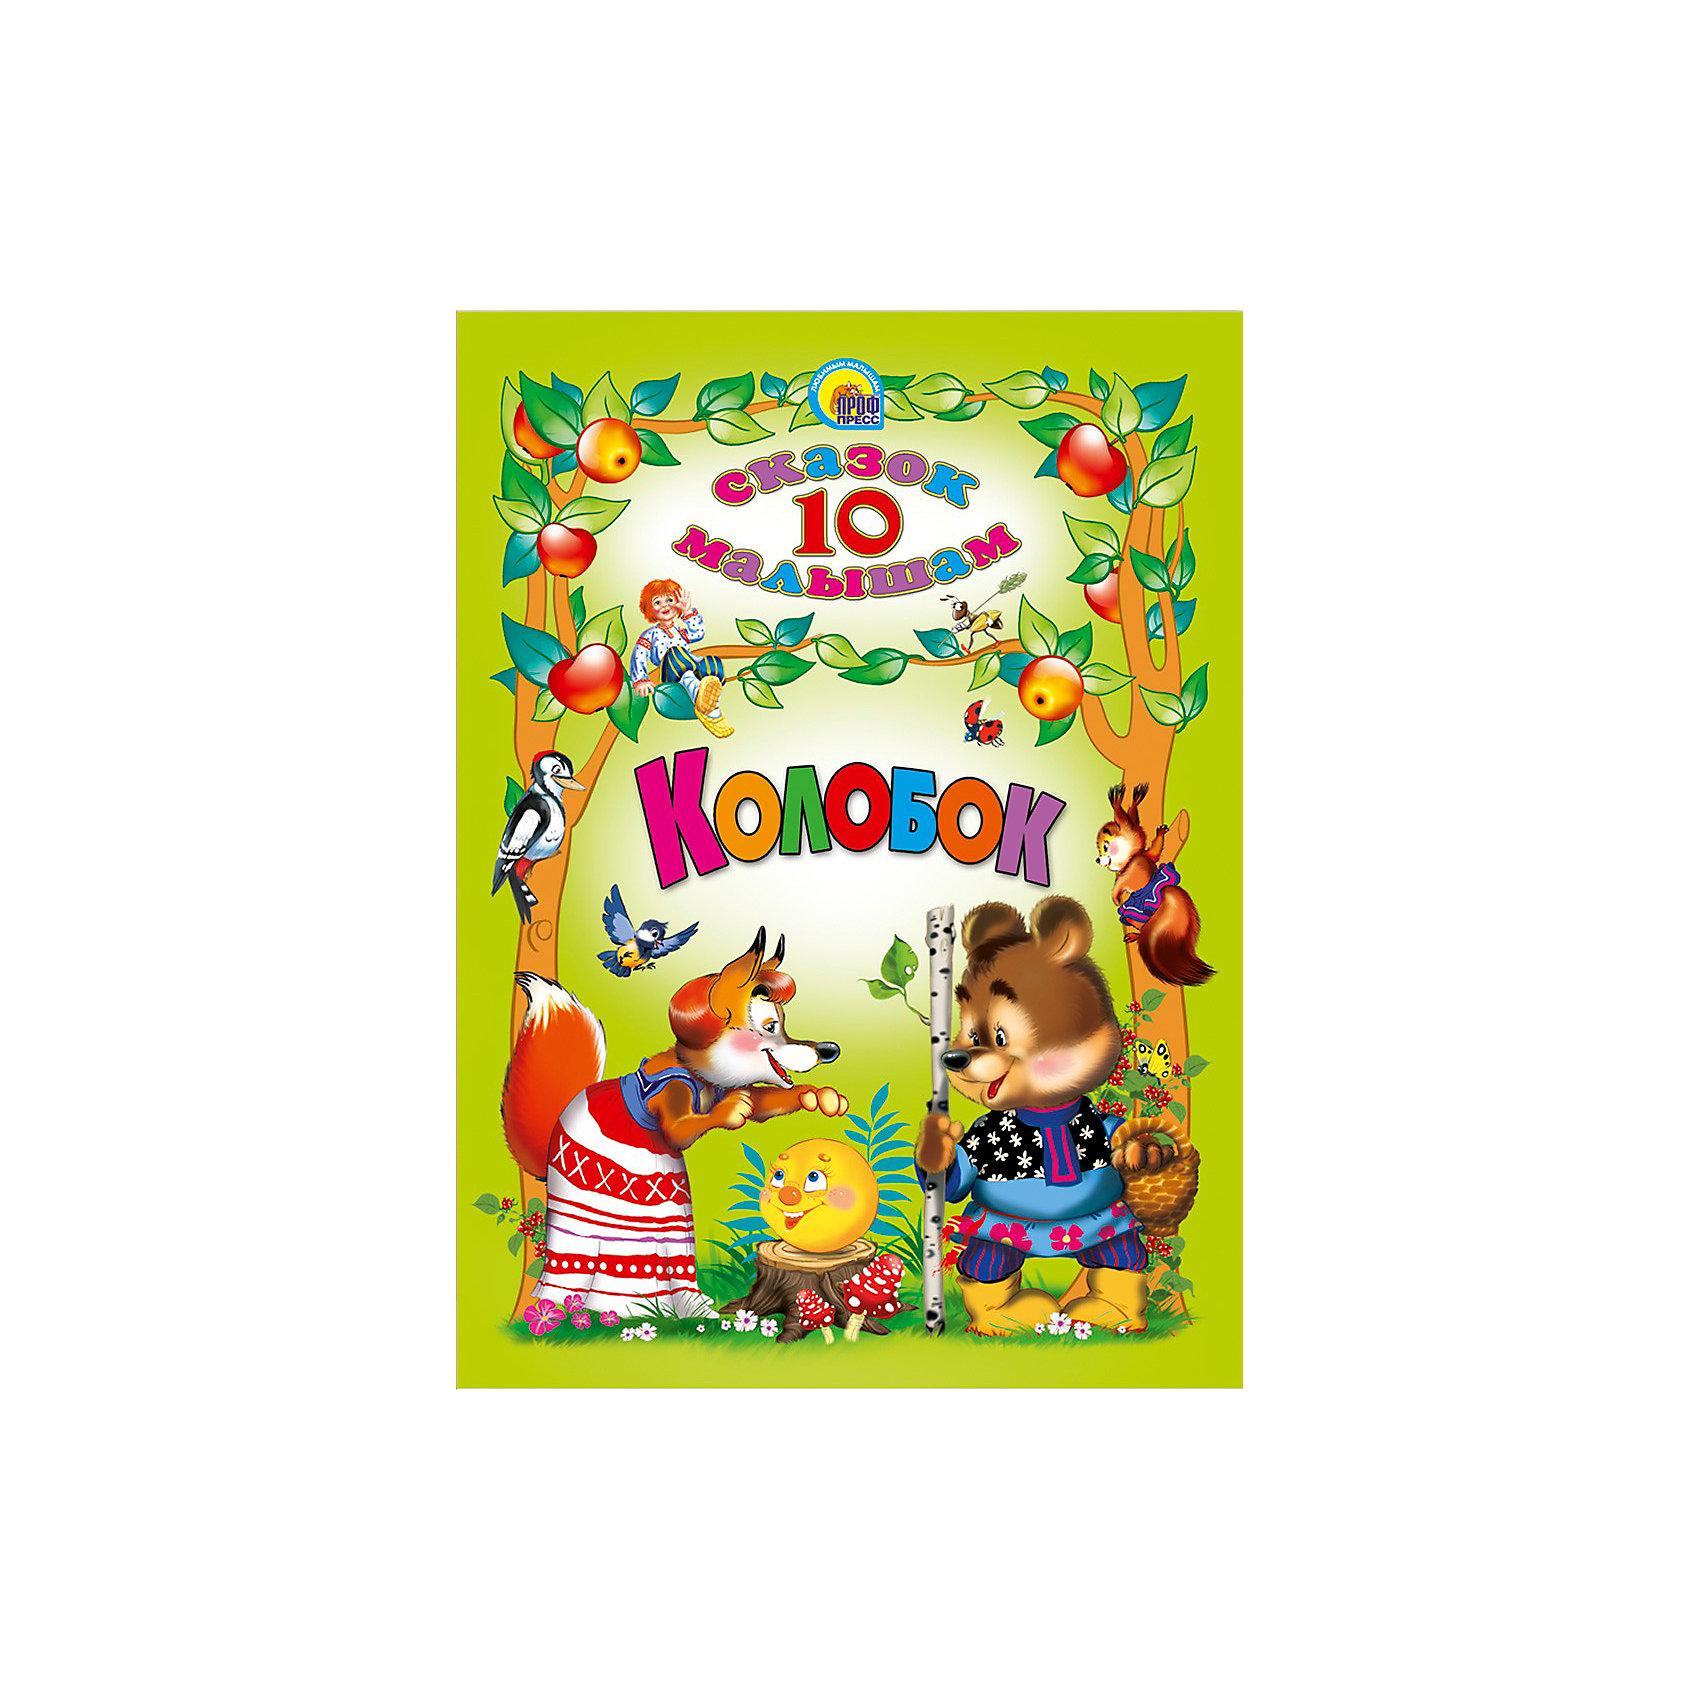 Сборник 10 сказок КолобокКниги для мальчиков<br>Любимые сказки собраны в серии книг 10 сказок. Замечательные иллюстрации не оставят равнодушными не только детей, но и их родителей.  <br><br>В книгу включены следующие сказки: Колобок, Лисичка-сестричка и волк, Маша и медведь, Гуси-лебеди, Петушок и курочка, Зимовье зверей, Коза-дереза, Снегурушка и лиса, Мальчик-с-пальчик, У страха глаза велики.   <br><br>Материал: бумага офсетная.<br>Книга содержит 128 стр. <br><br>Ваш малыш не только с удовольствием познакомится с содержанием известных сказок, но и получит первые уроки доброты, юмора и смекалки. <br><br>Формат: 220 х 13 х 162 мм<br><br>Ширина мм: 220<br>Глубина мм: 13<br>Высота мм: 162<br>Вес г: 282<br>Возраст от месяцев: 12<br>Возраст до месяцев: 60<br>Пол: Унисекс<br>Возраст: Детский<br>SKU: 2408525